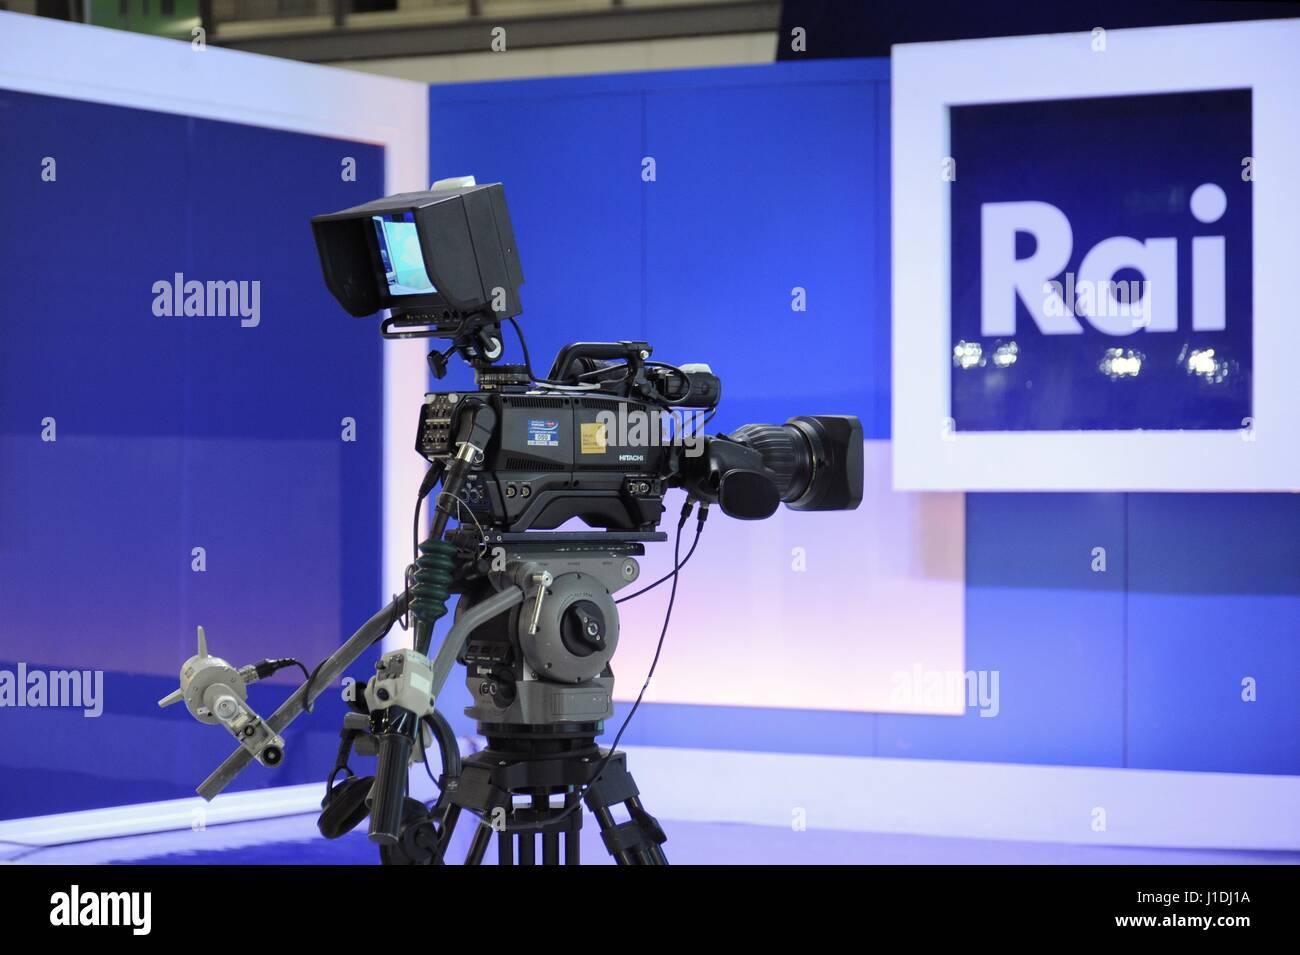 """La participación de la RAI Radiotelevisione Italiana en la feria del libro de Milán """"Tiempo de libros' Imagen De Stock"""